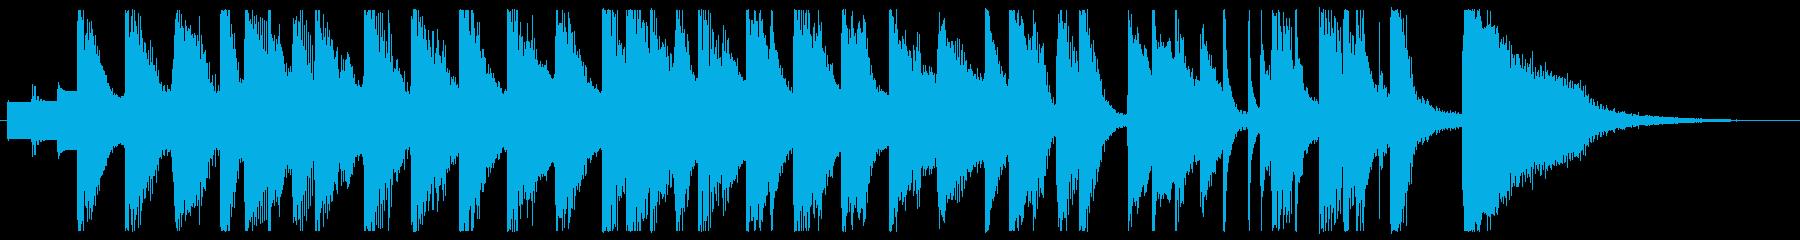 ファミコンのようなゲームBGMの再生済みの波形